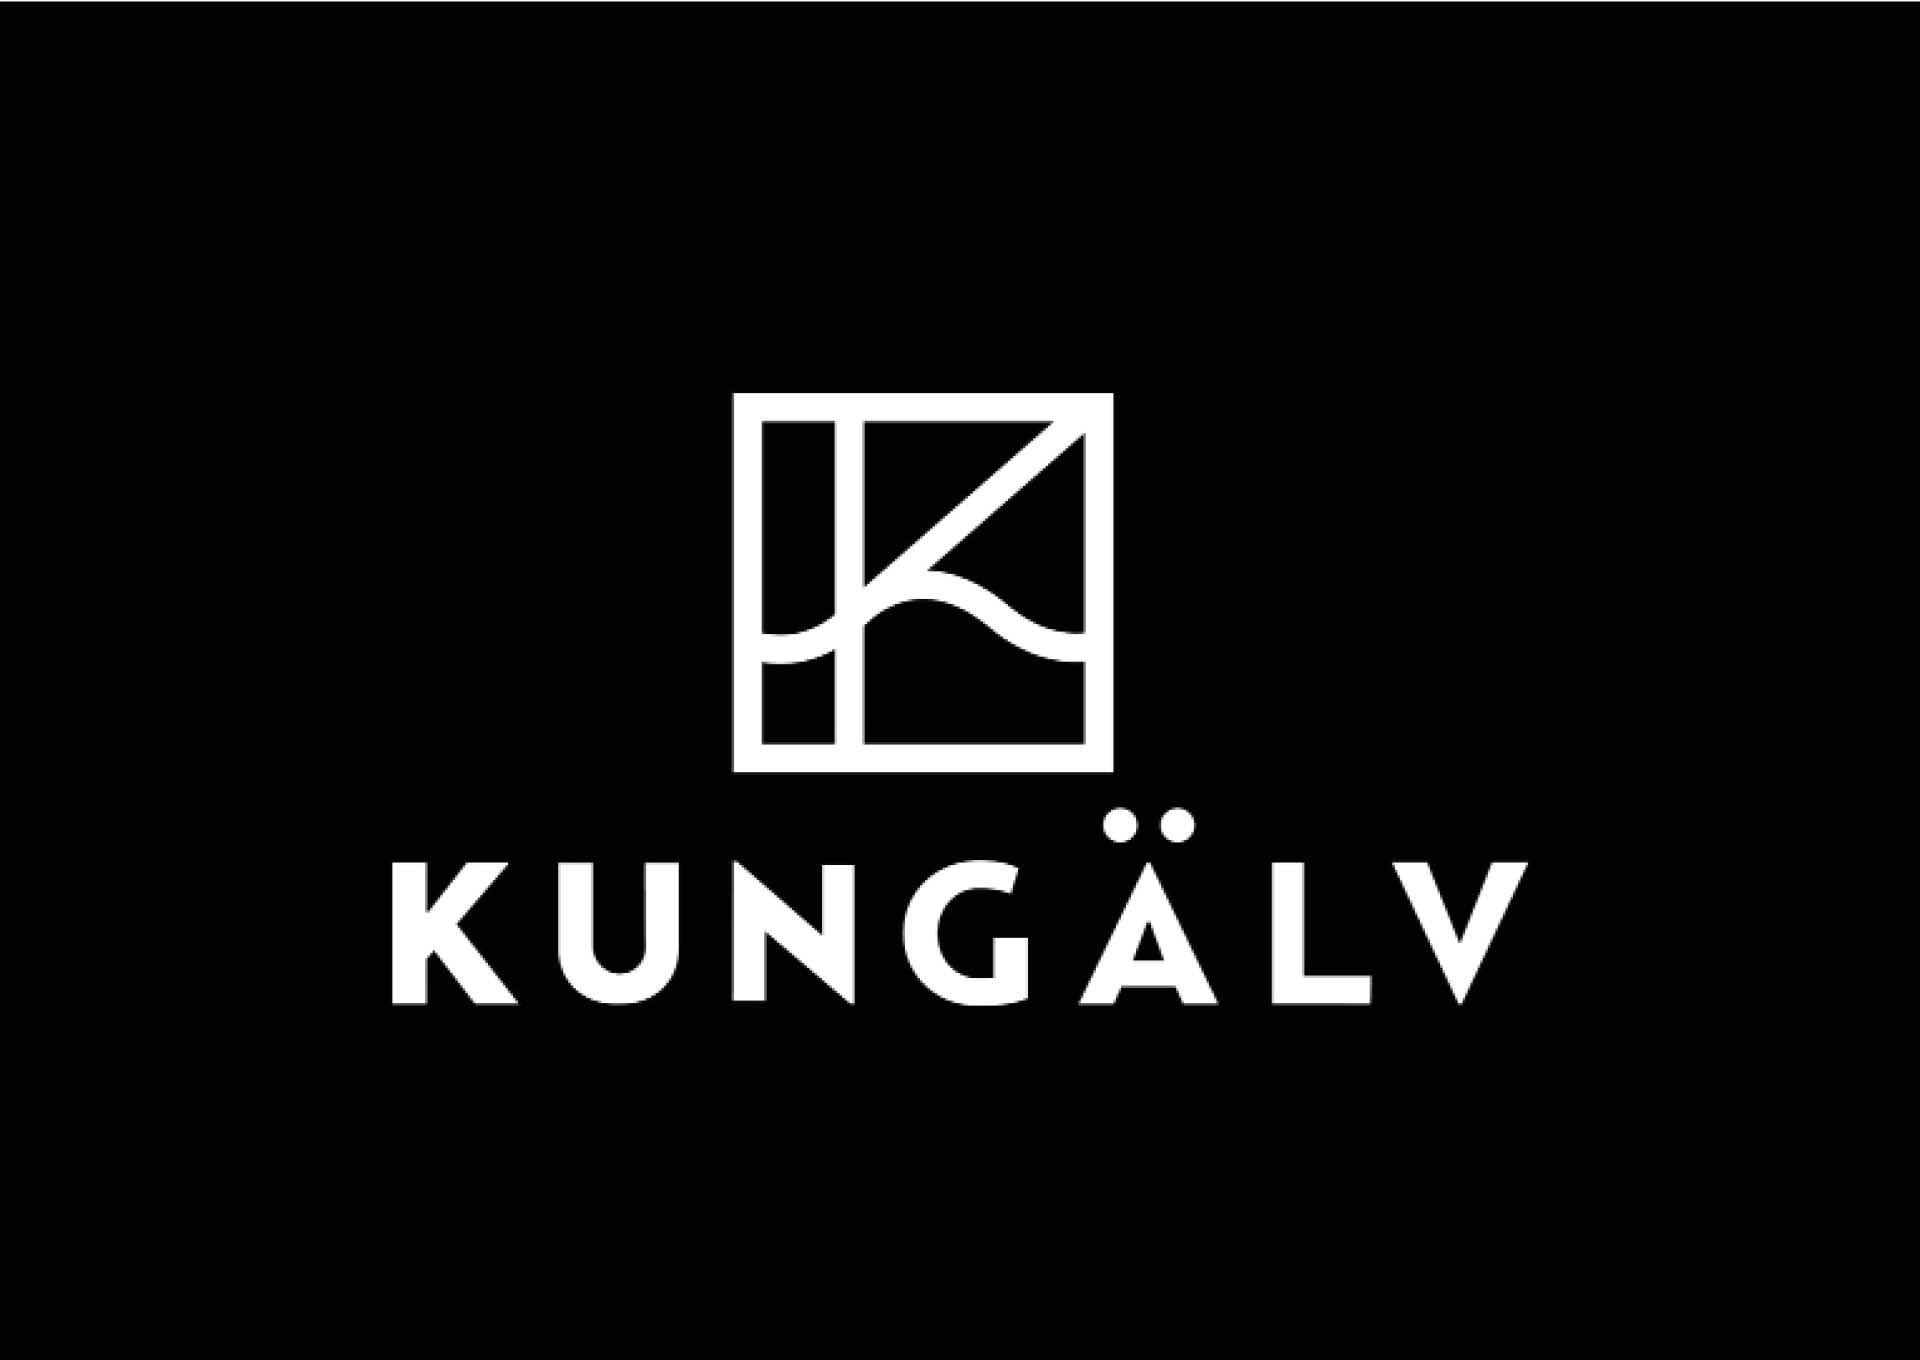 Vit logotyp för platsen Kungälv - framtagen av Identx